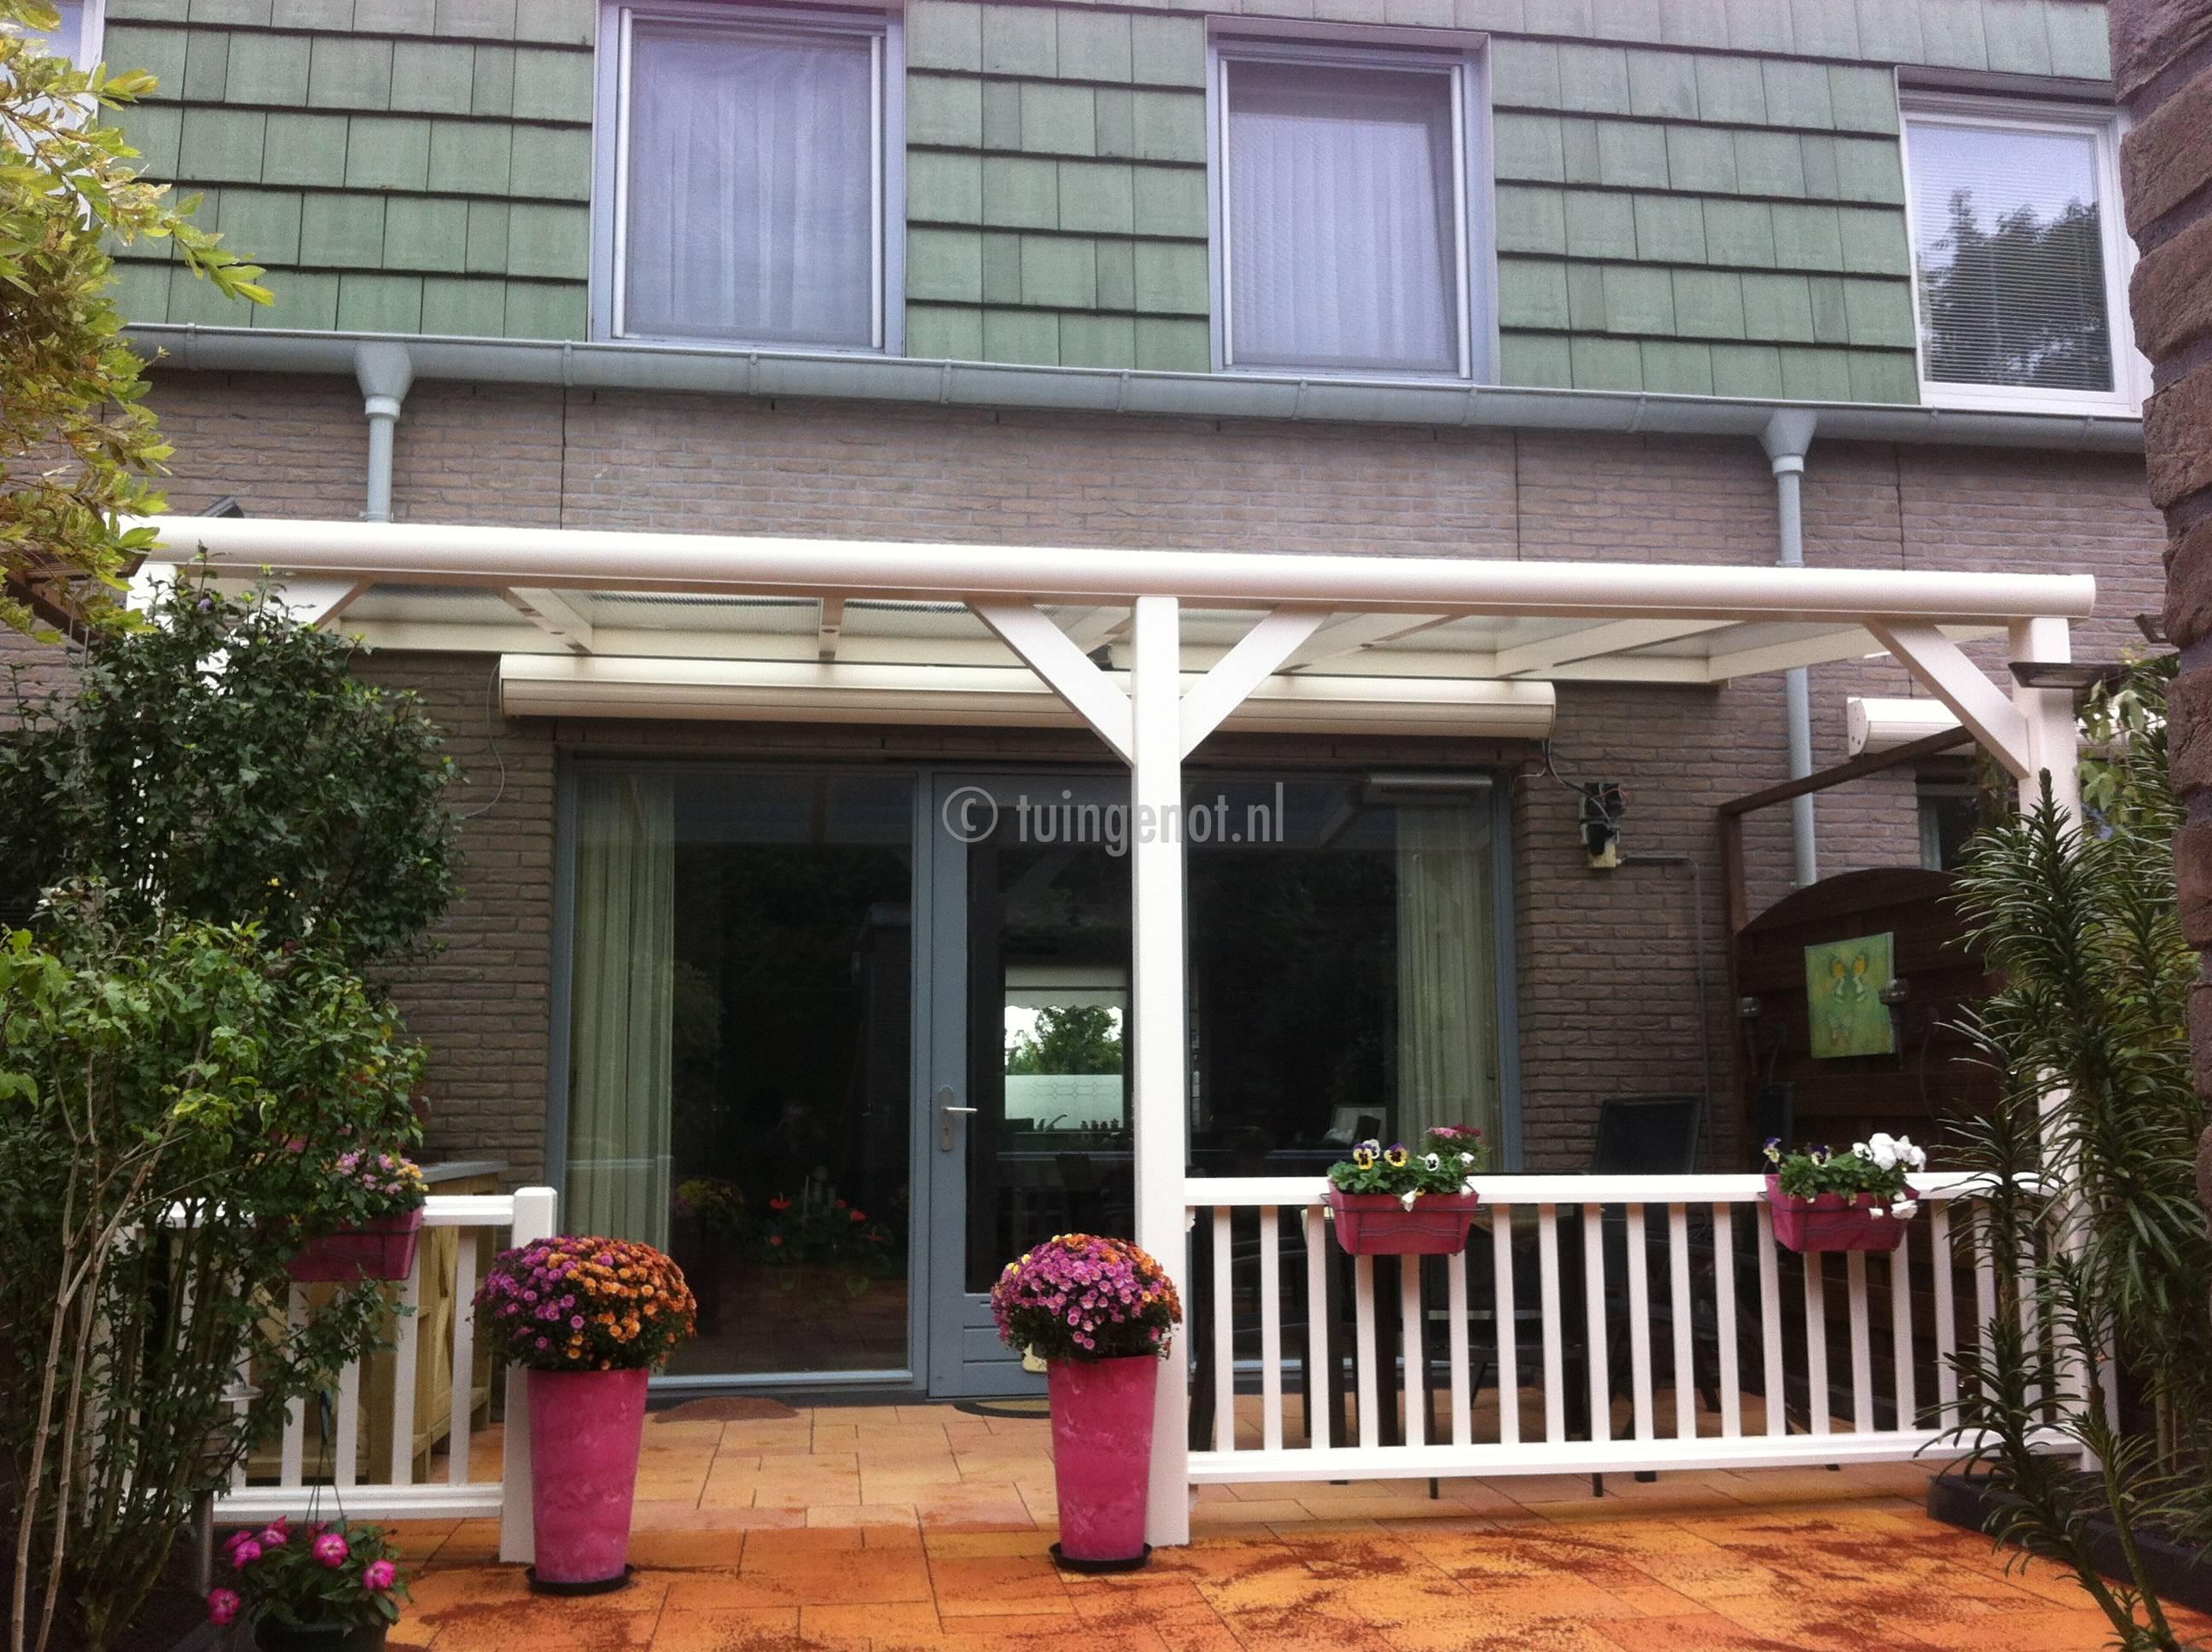 Tuingenot: houten balustrades voor bij de veranda